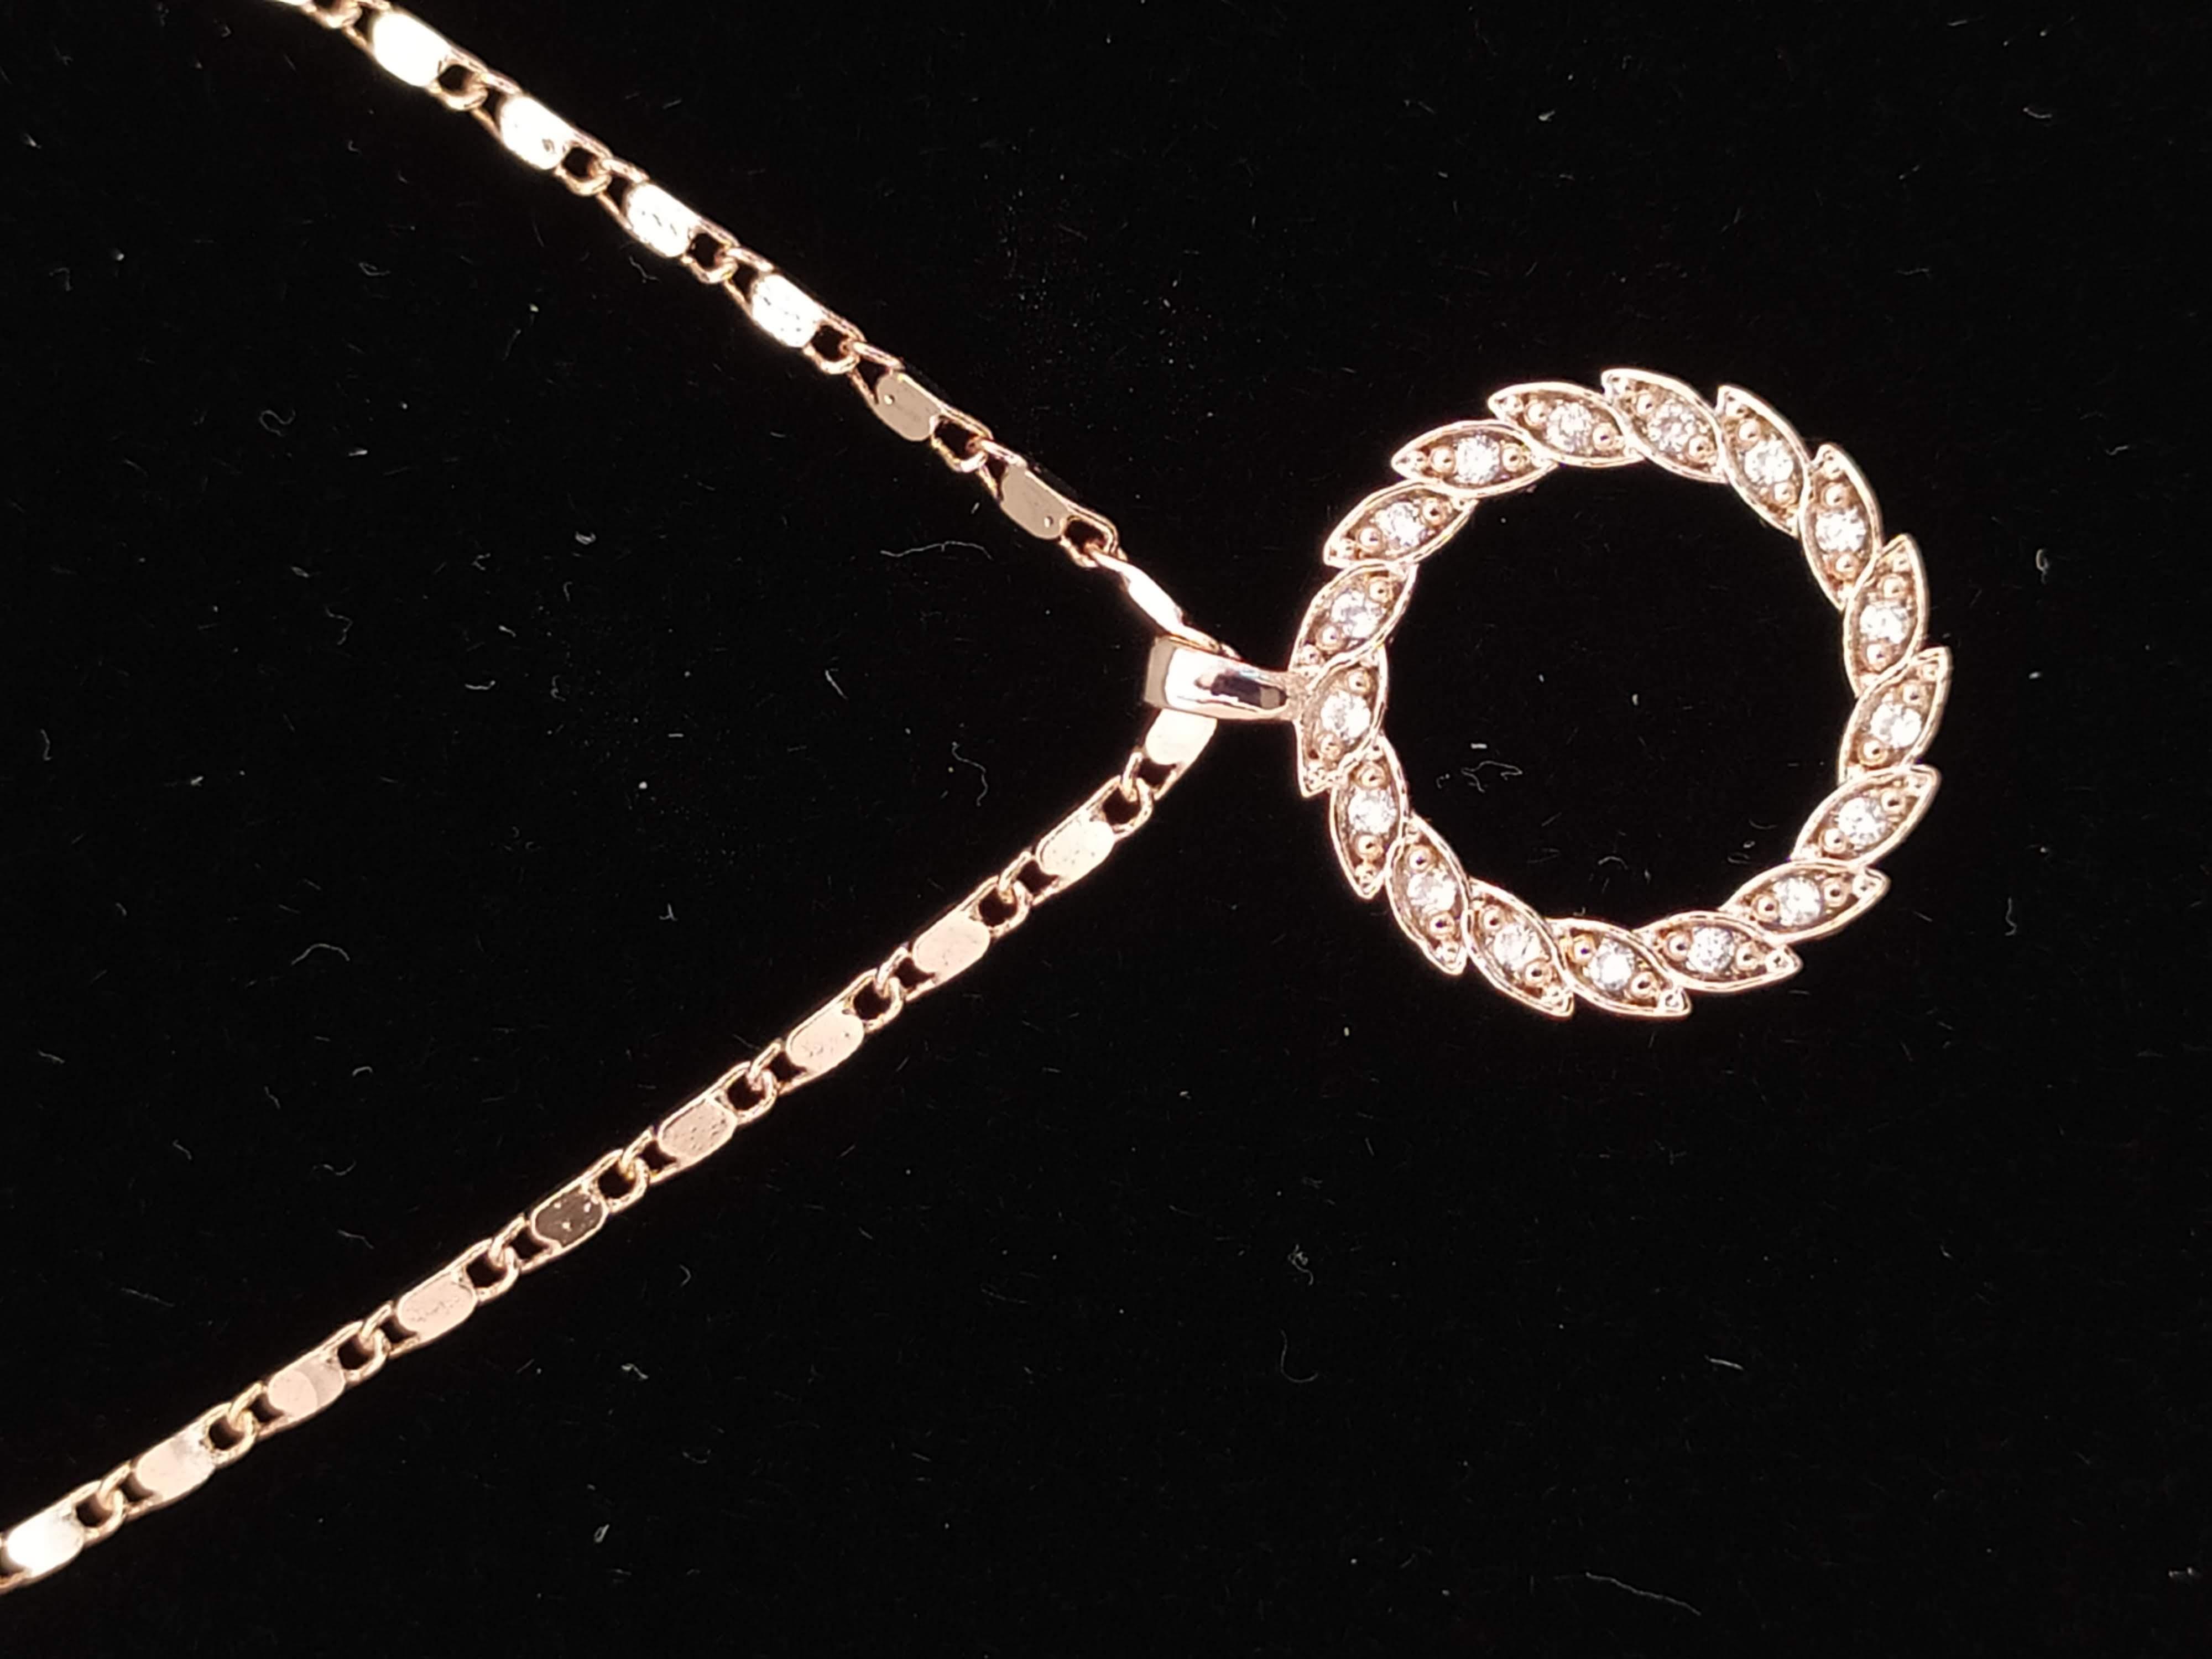 قلادة مطلية بالذهب مع الزركون الممتاز. لا يسبب الحساسية ، لا تغميق / Gold plated necklace with premium zircon. does not cause allergies, does not darken_23